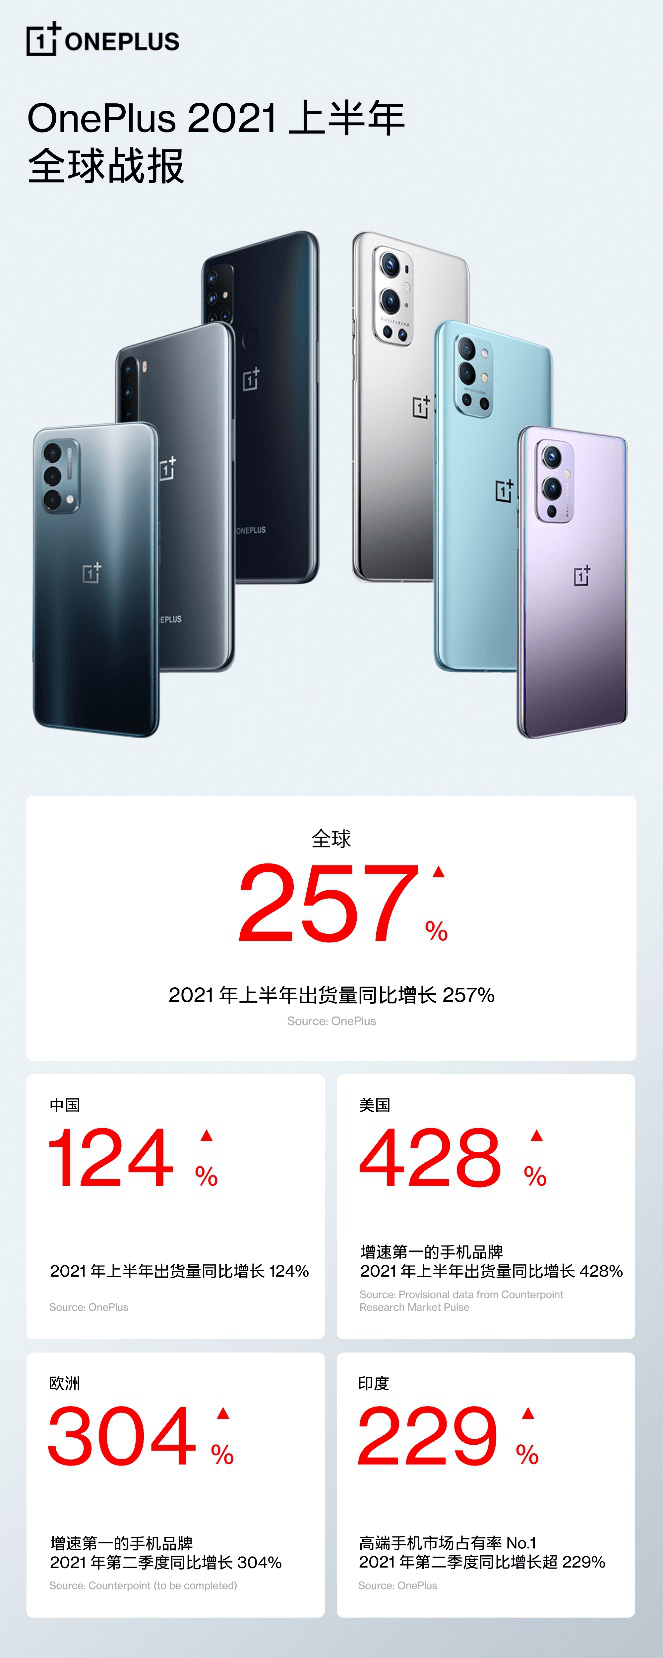 一加手机全球市场增长强劲,2021年上半年出货量同比增长257%  泛商业